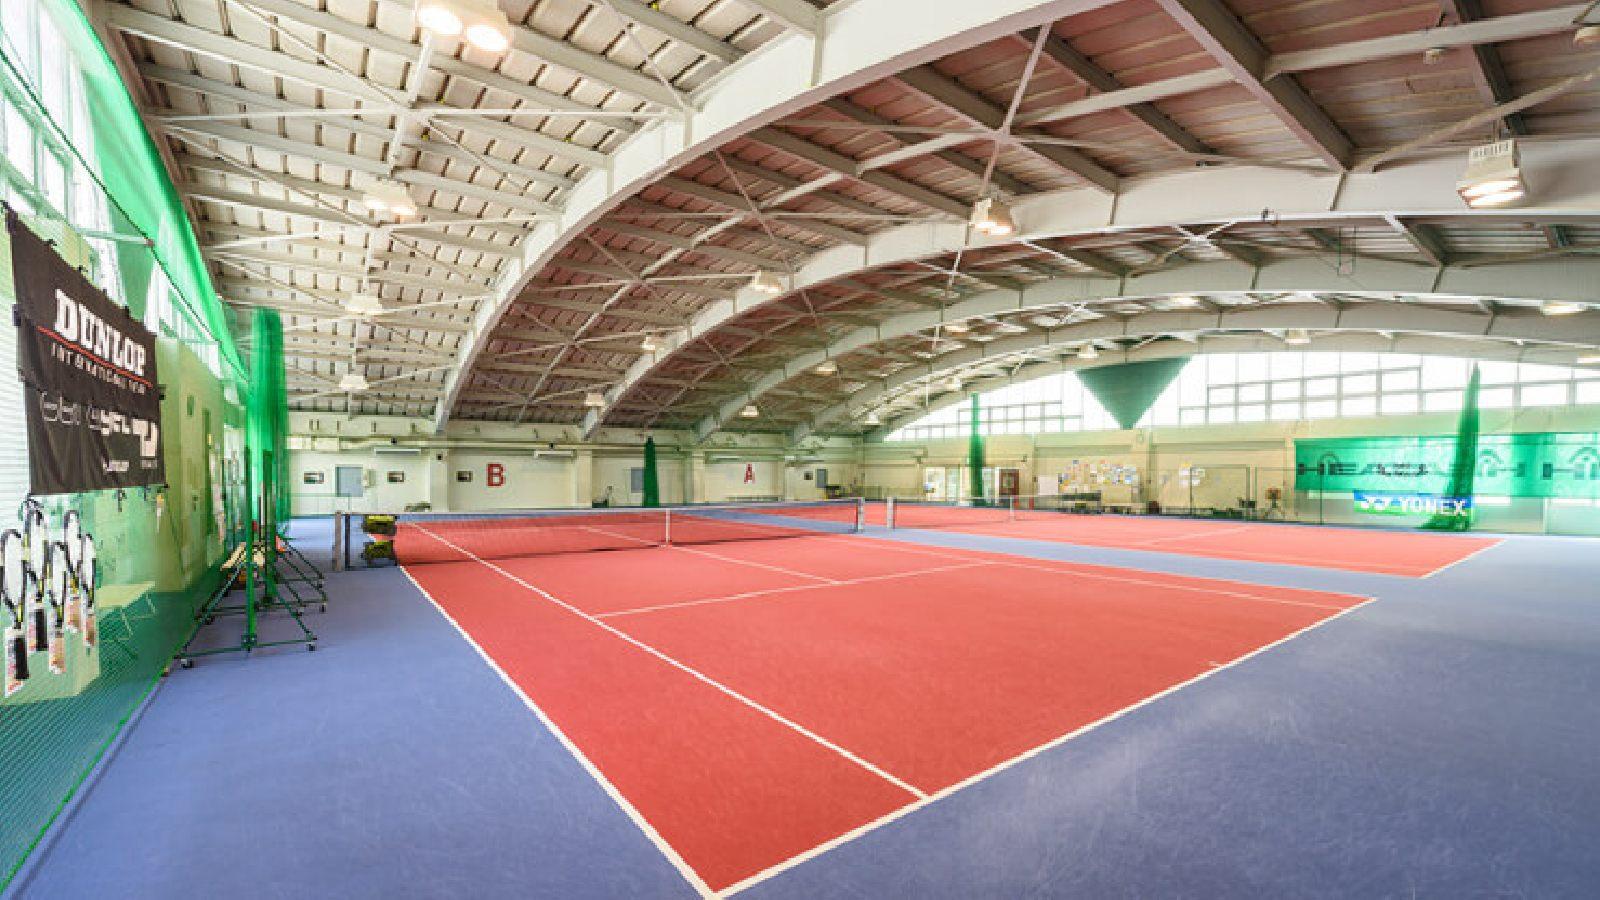 神奈川店のテニスコート